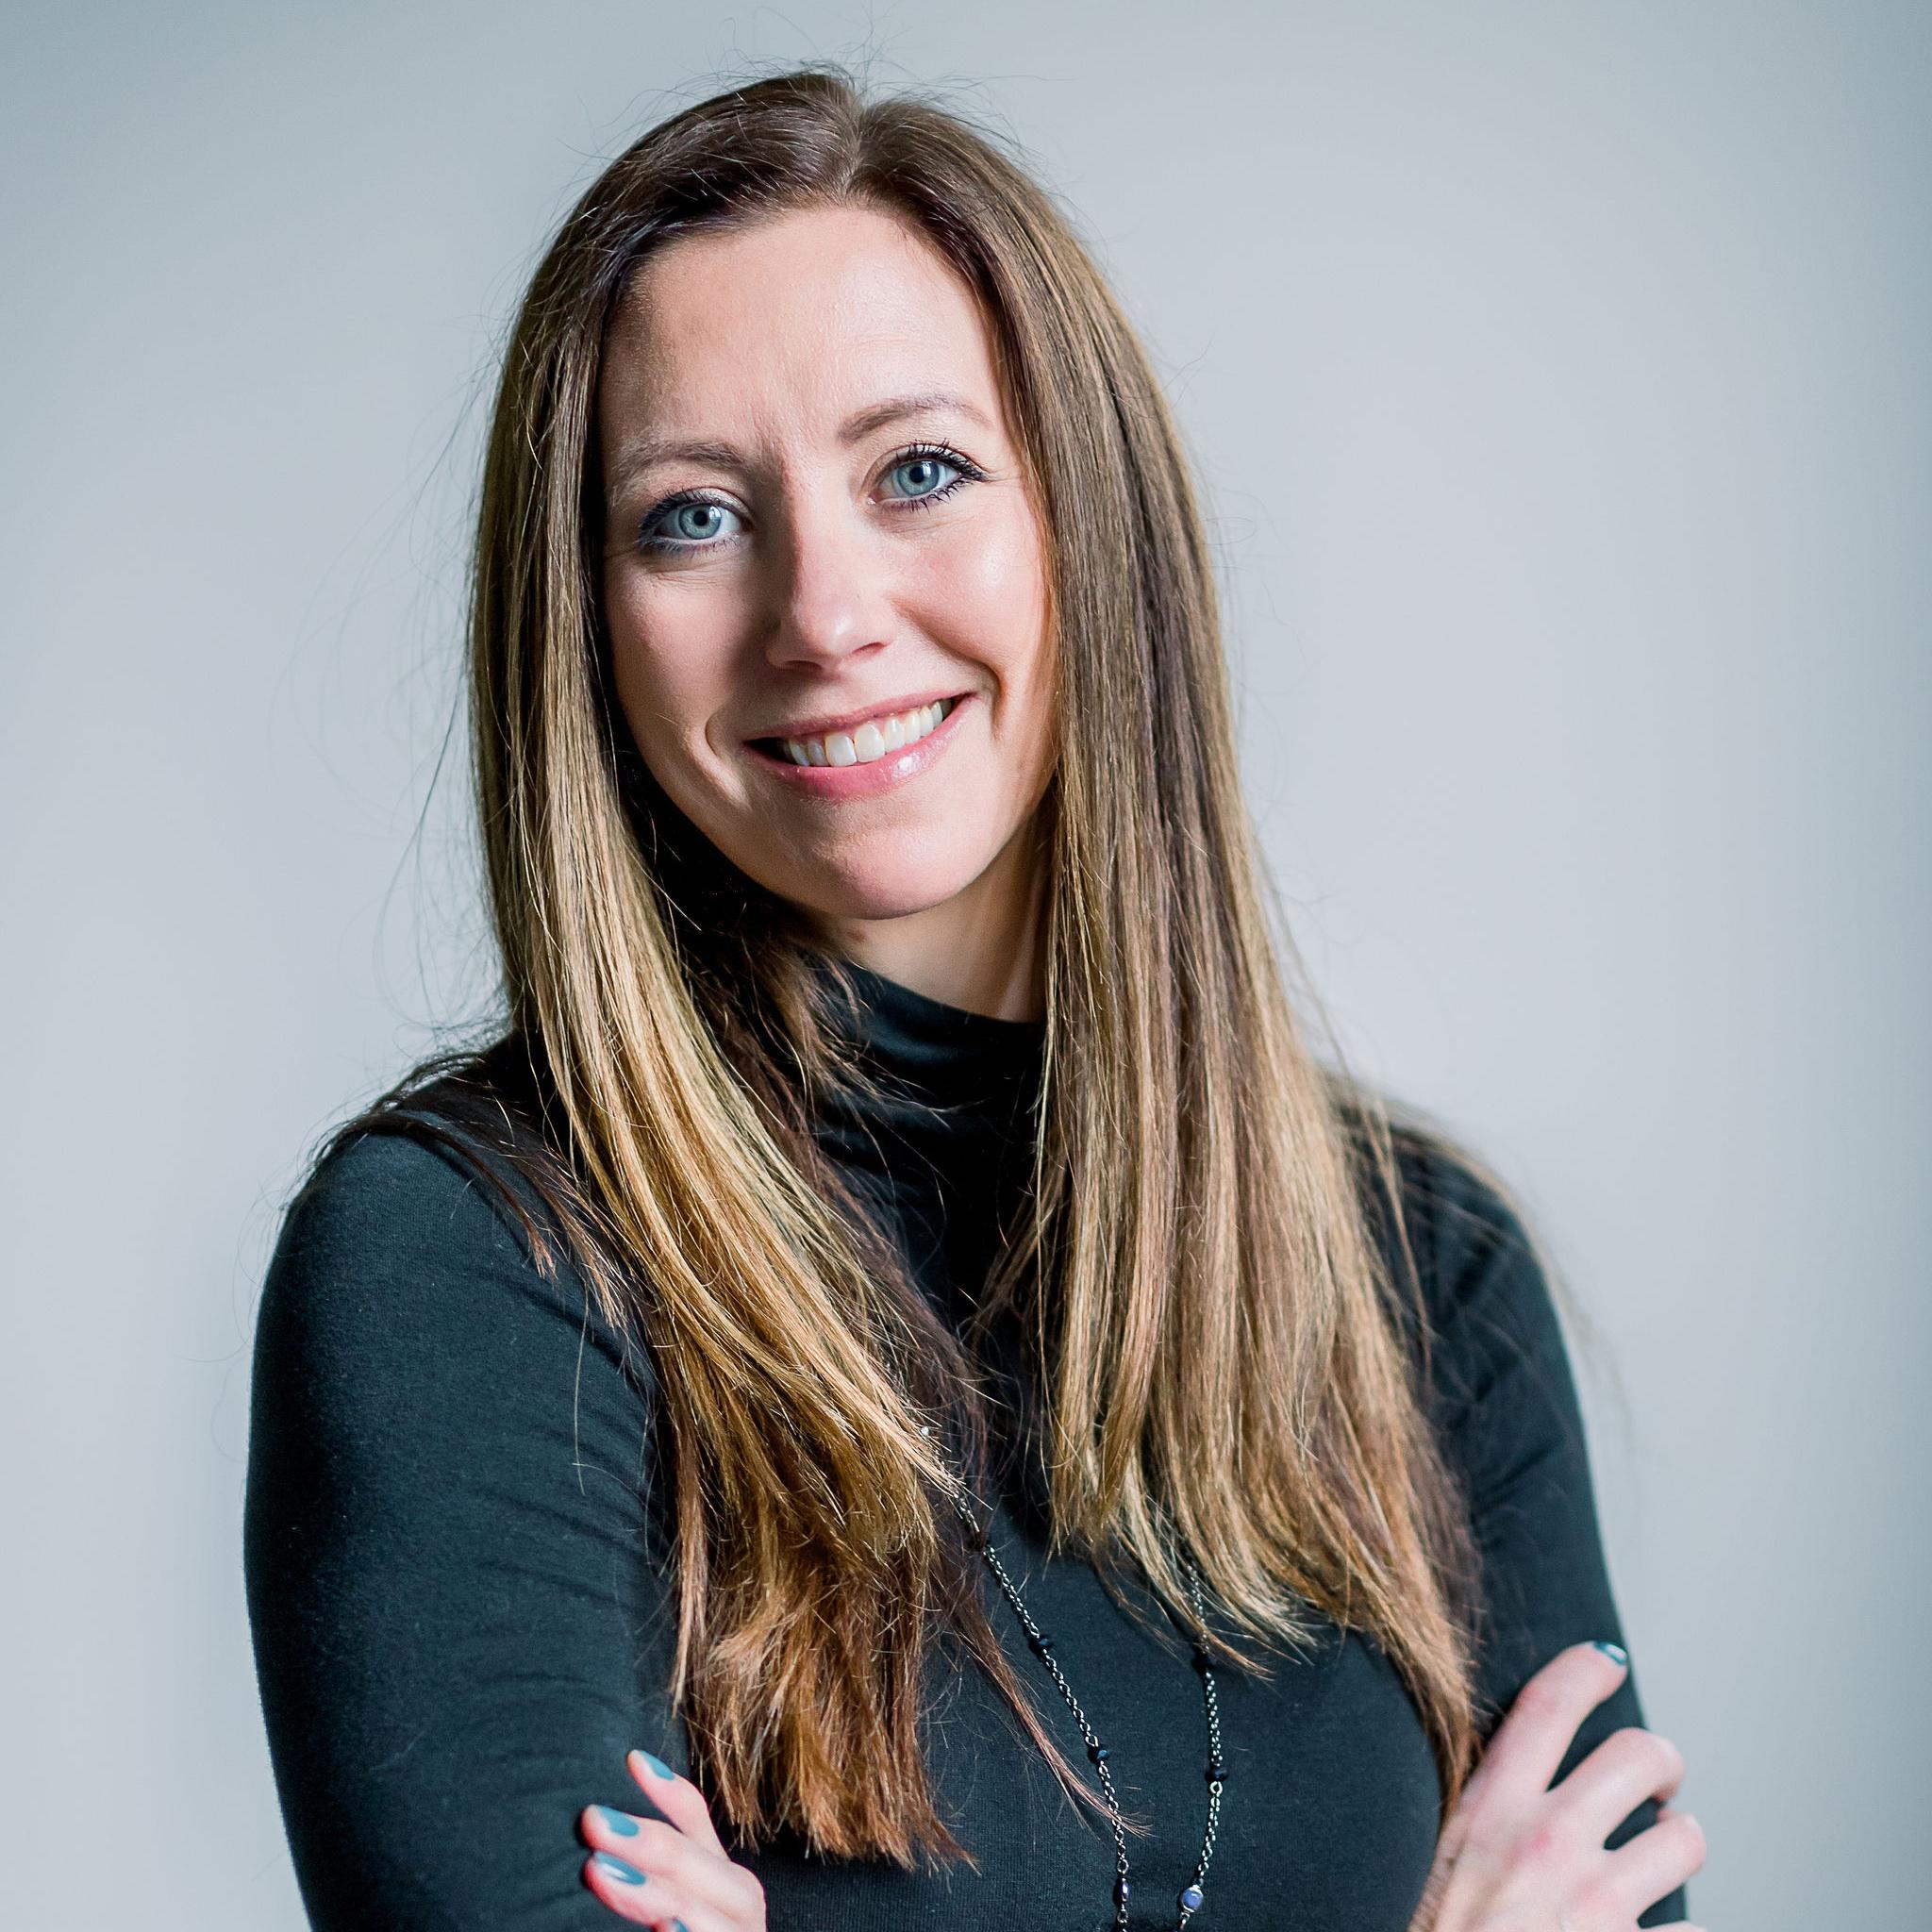 Nicole Kraemer